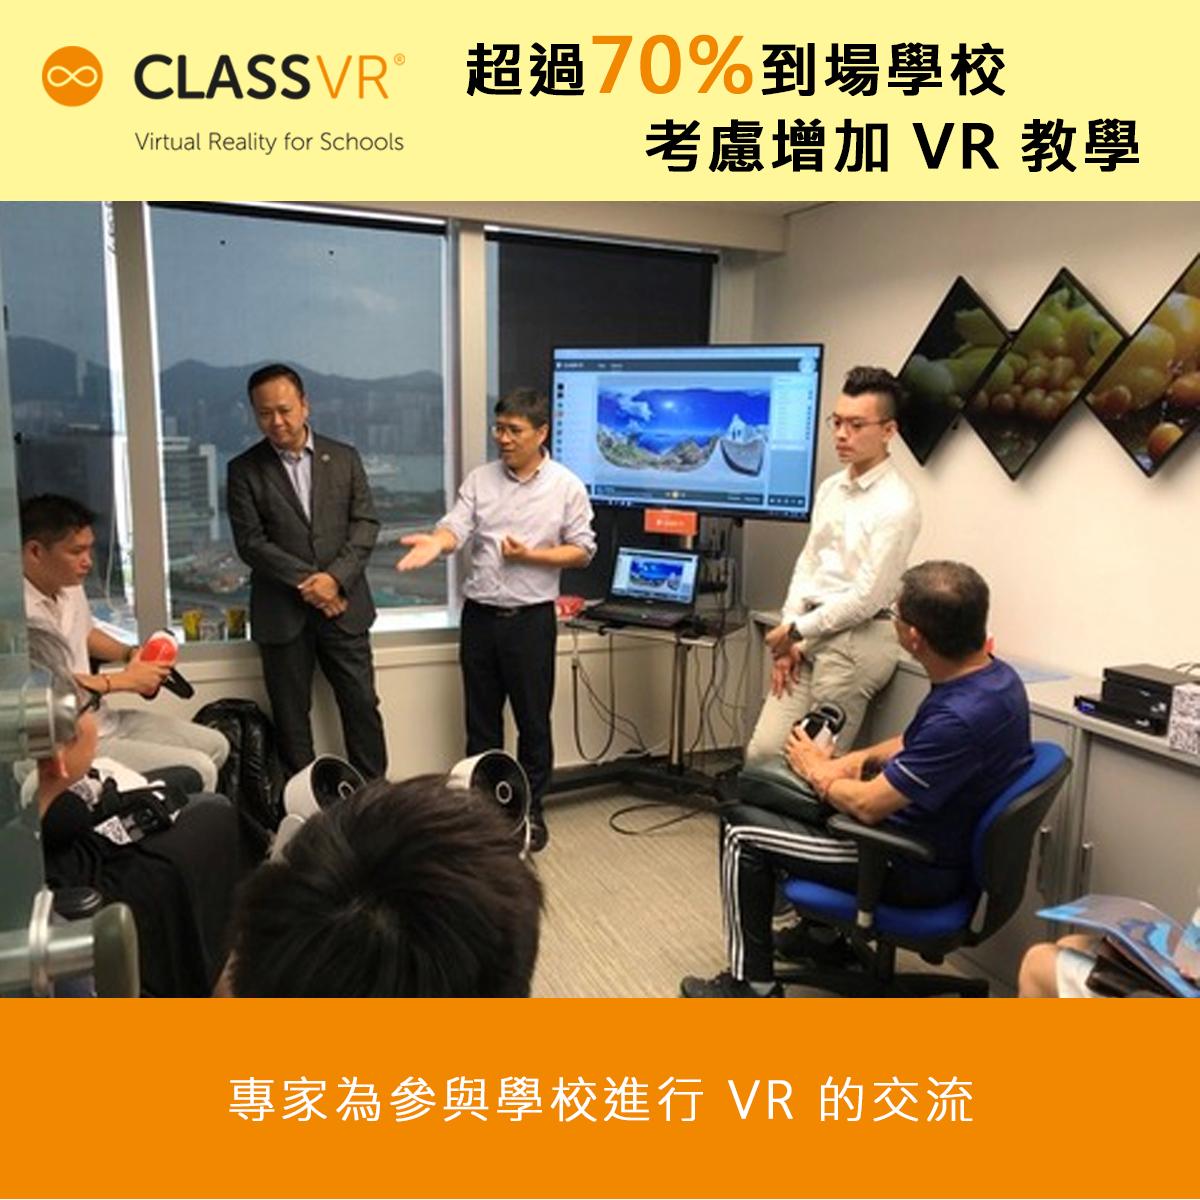 專家為參與學校進行VR的交流